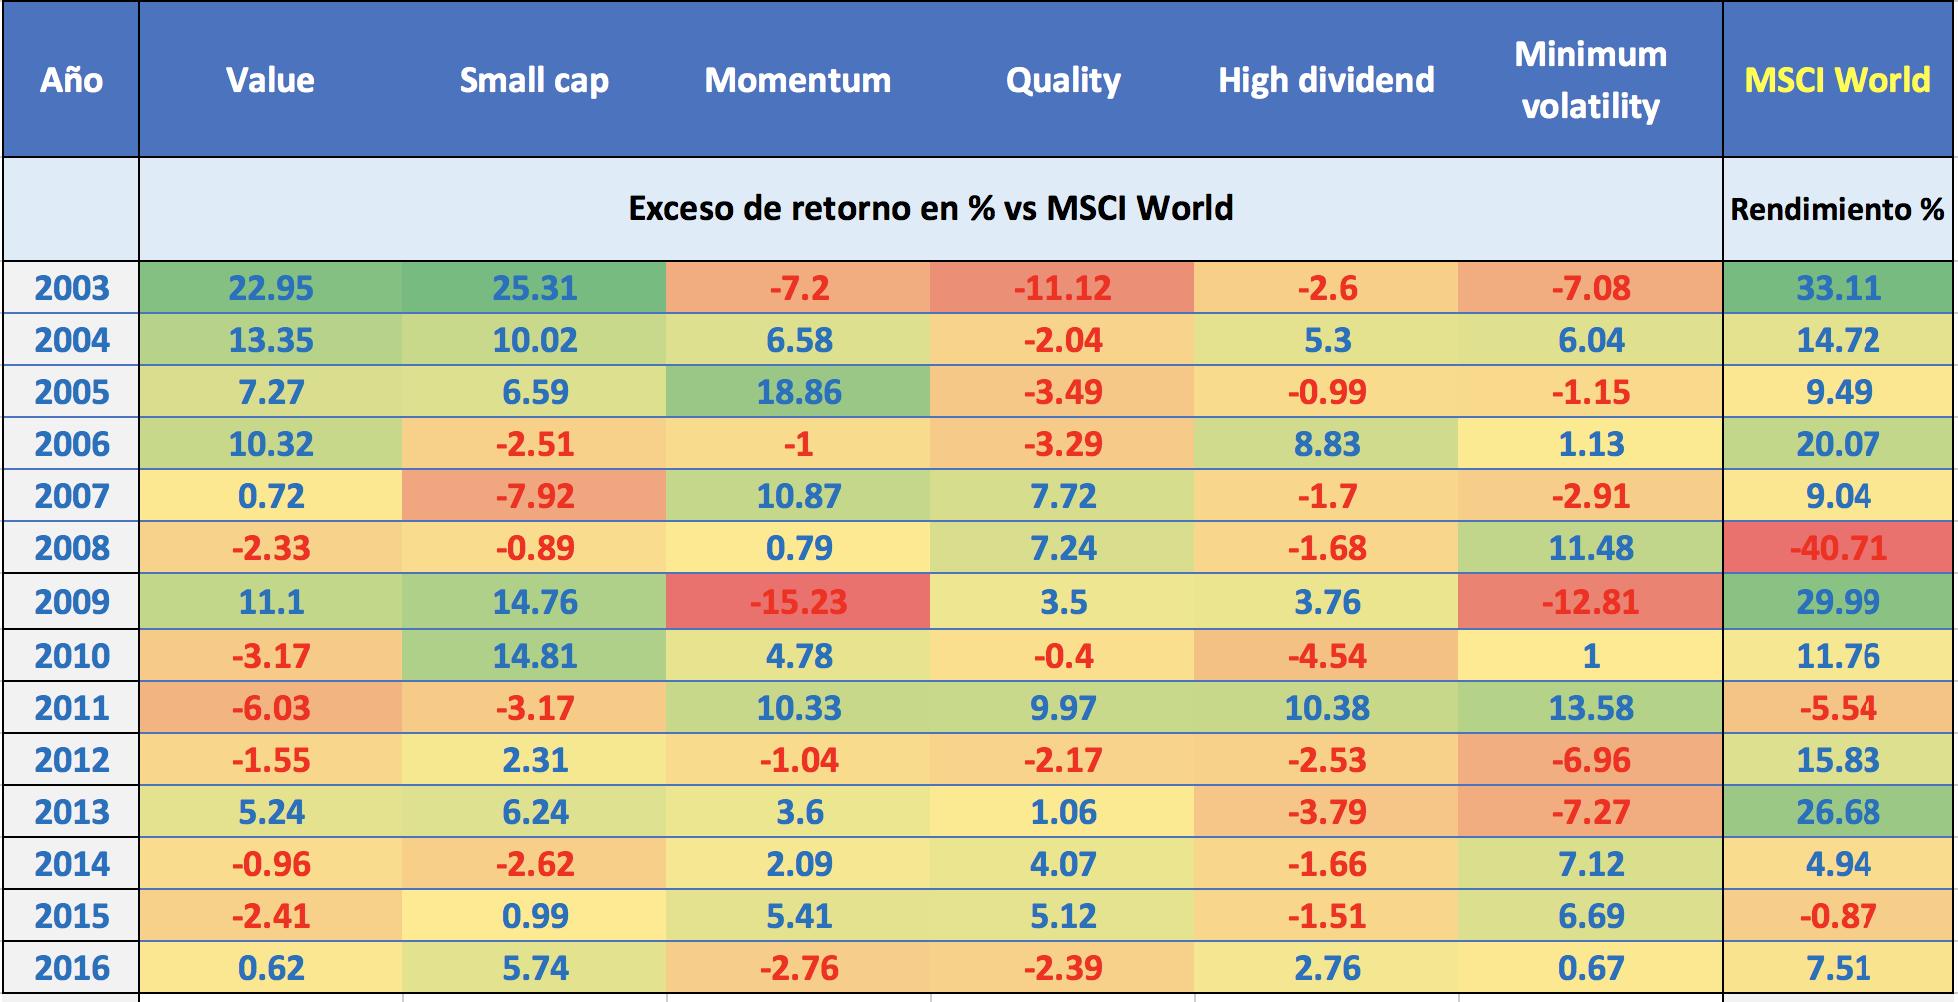 Exceso de retorno de los índices factoriales respecto al índice MSCI World